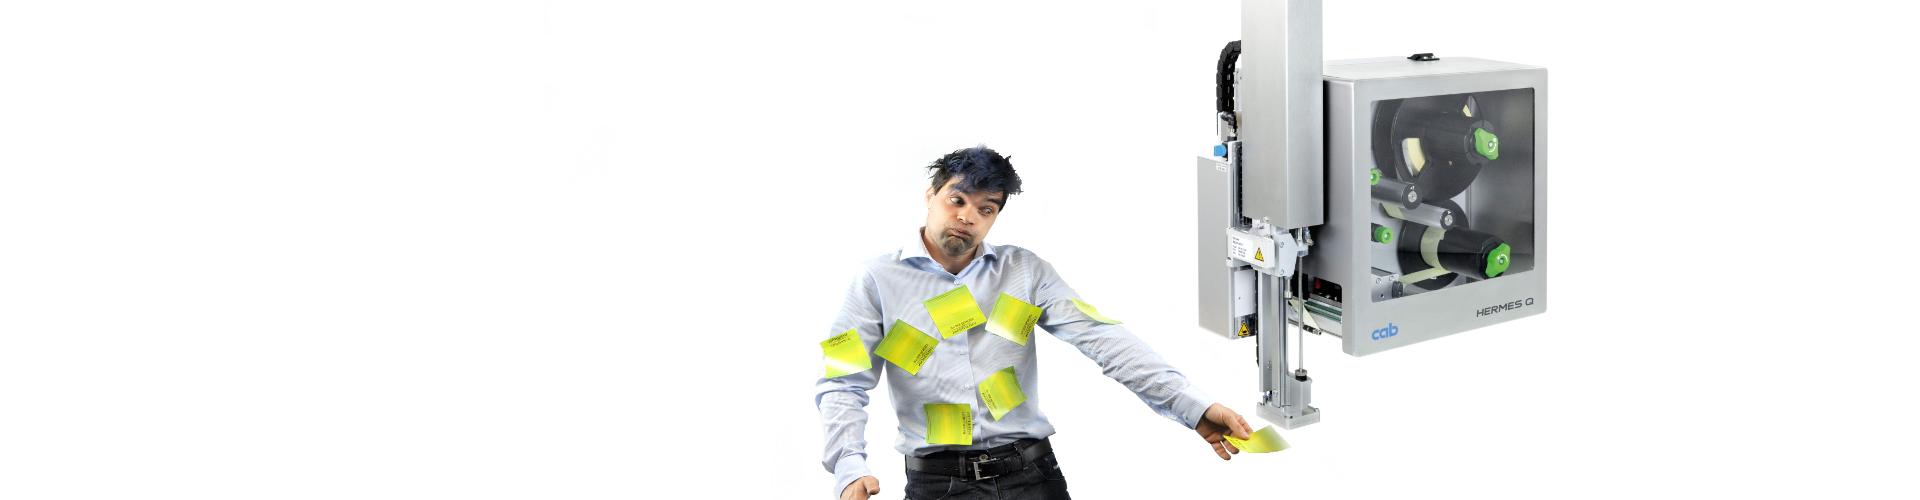 Mann bedruckt Etiketten mit Thermotransferfolie Slider